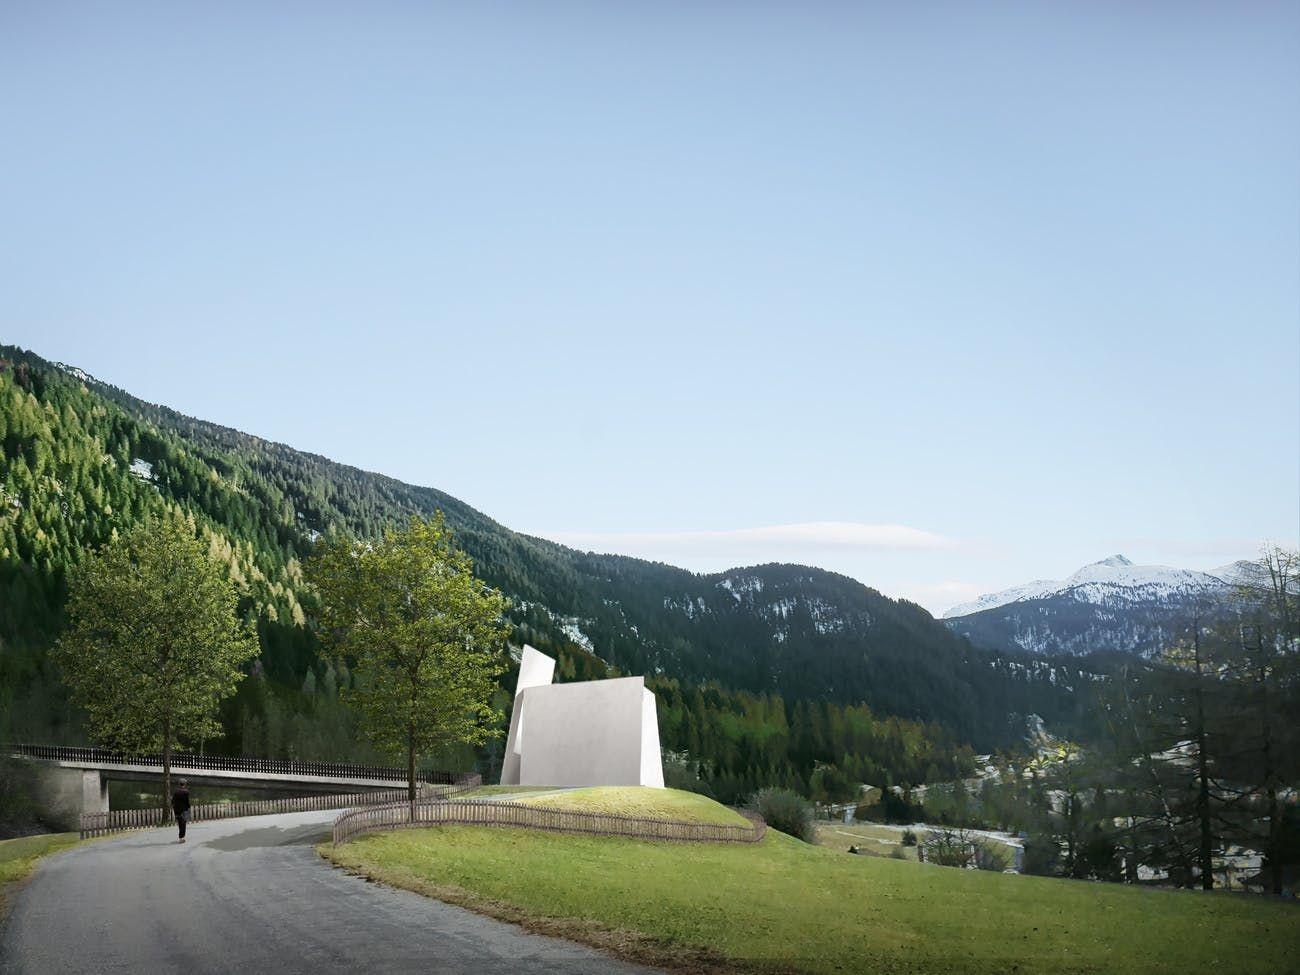 Visualisierung der ersten Autobahnkirche der Schweiz in Andeer